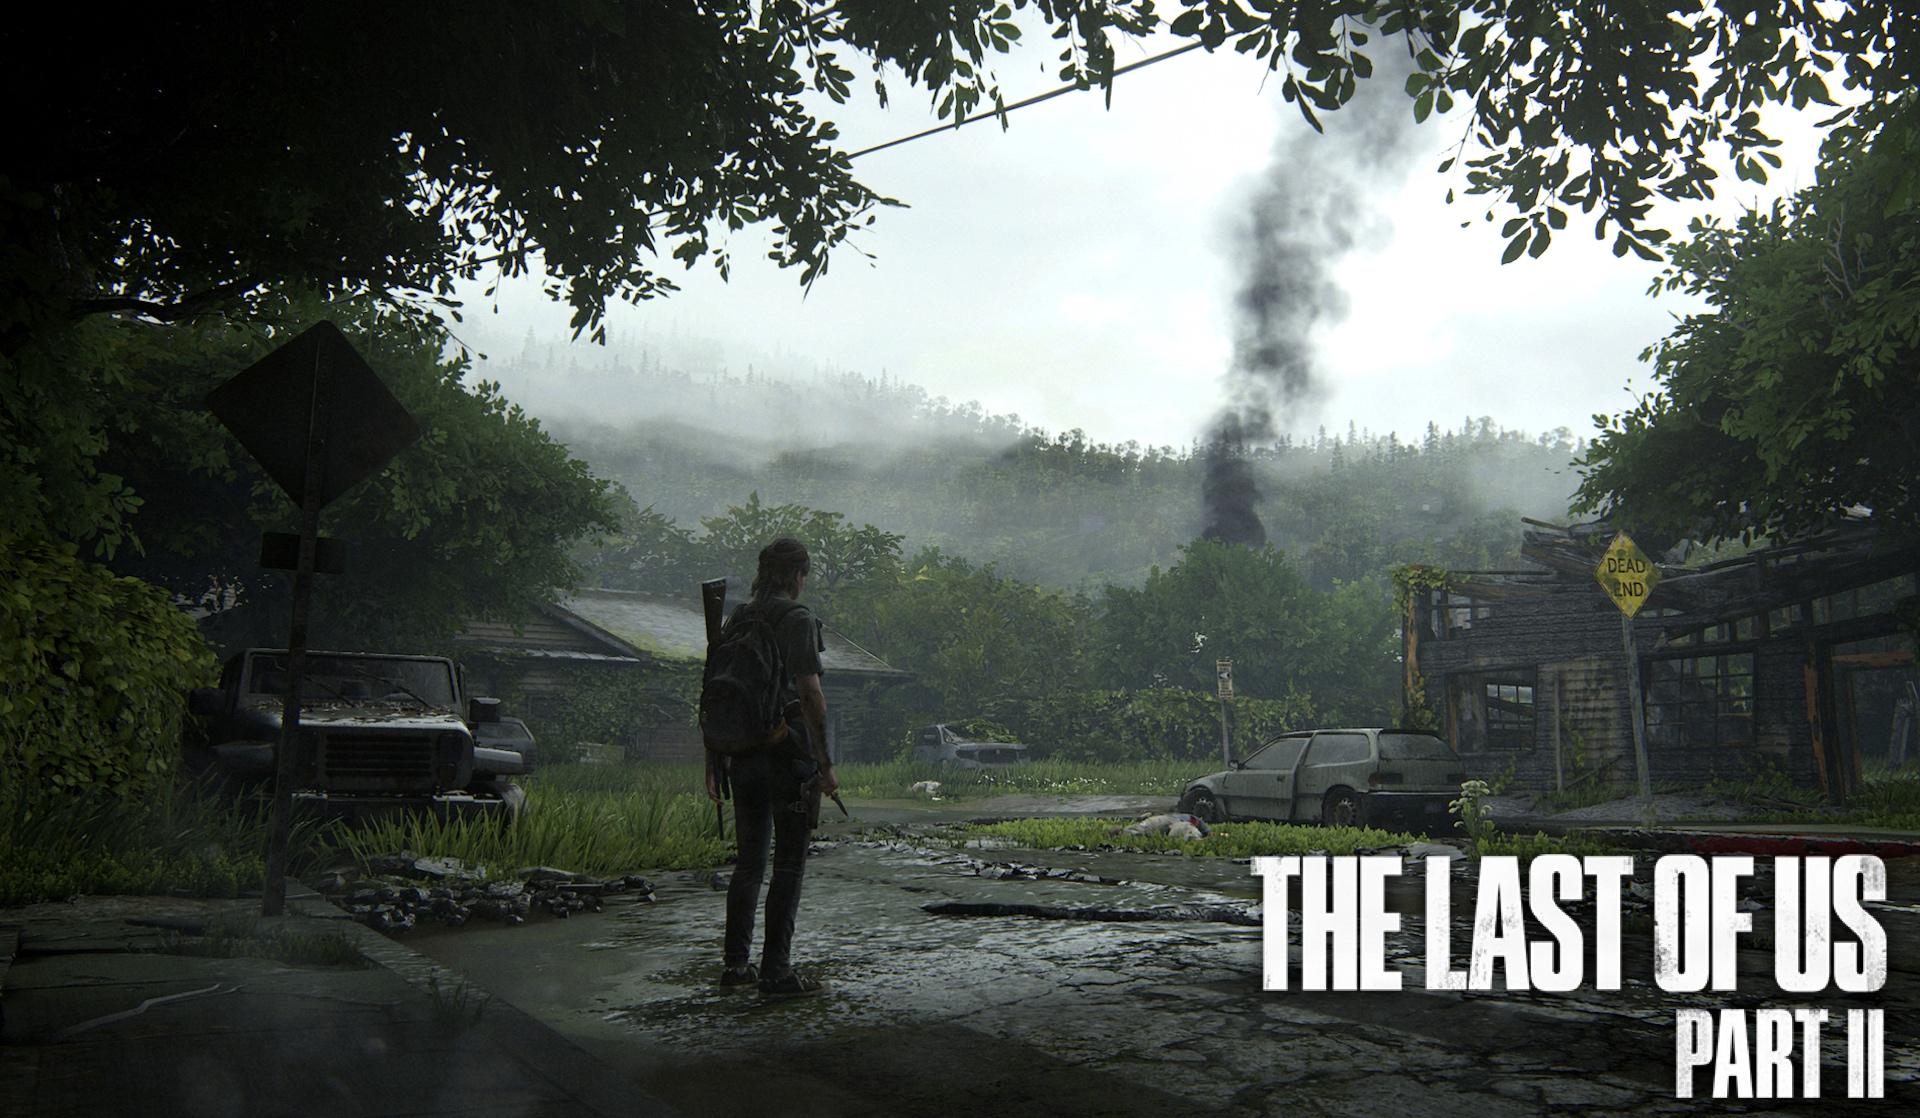 ناتی داگ,سونی,تاریخ انتشار The Last of Us 2